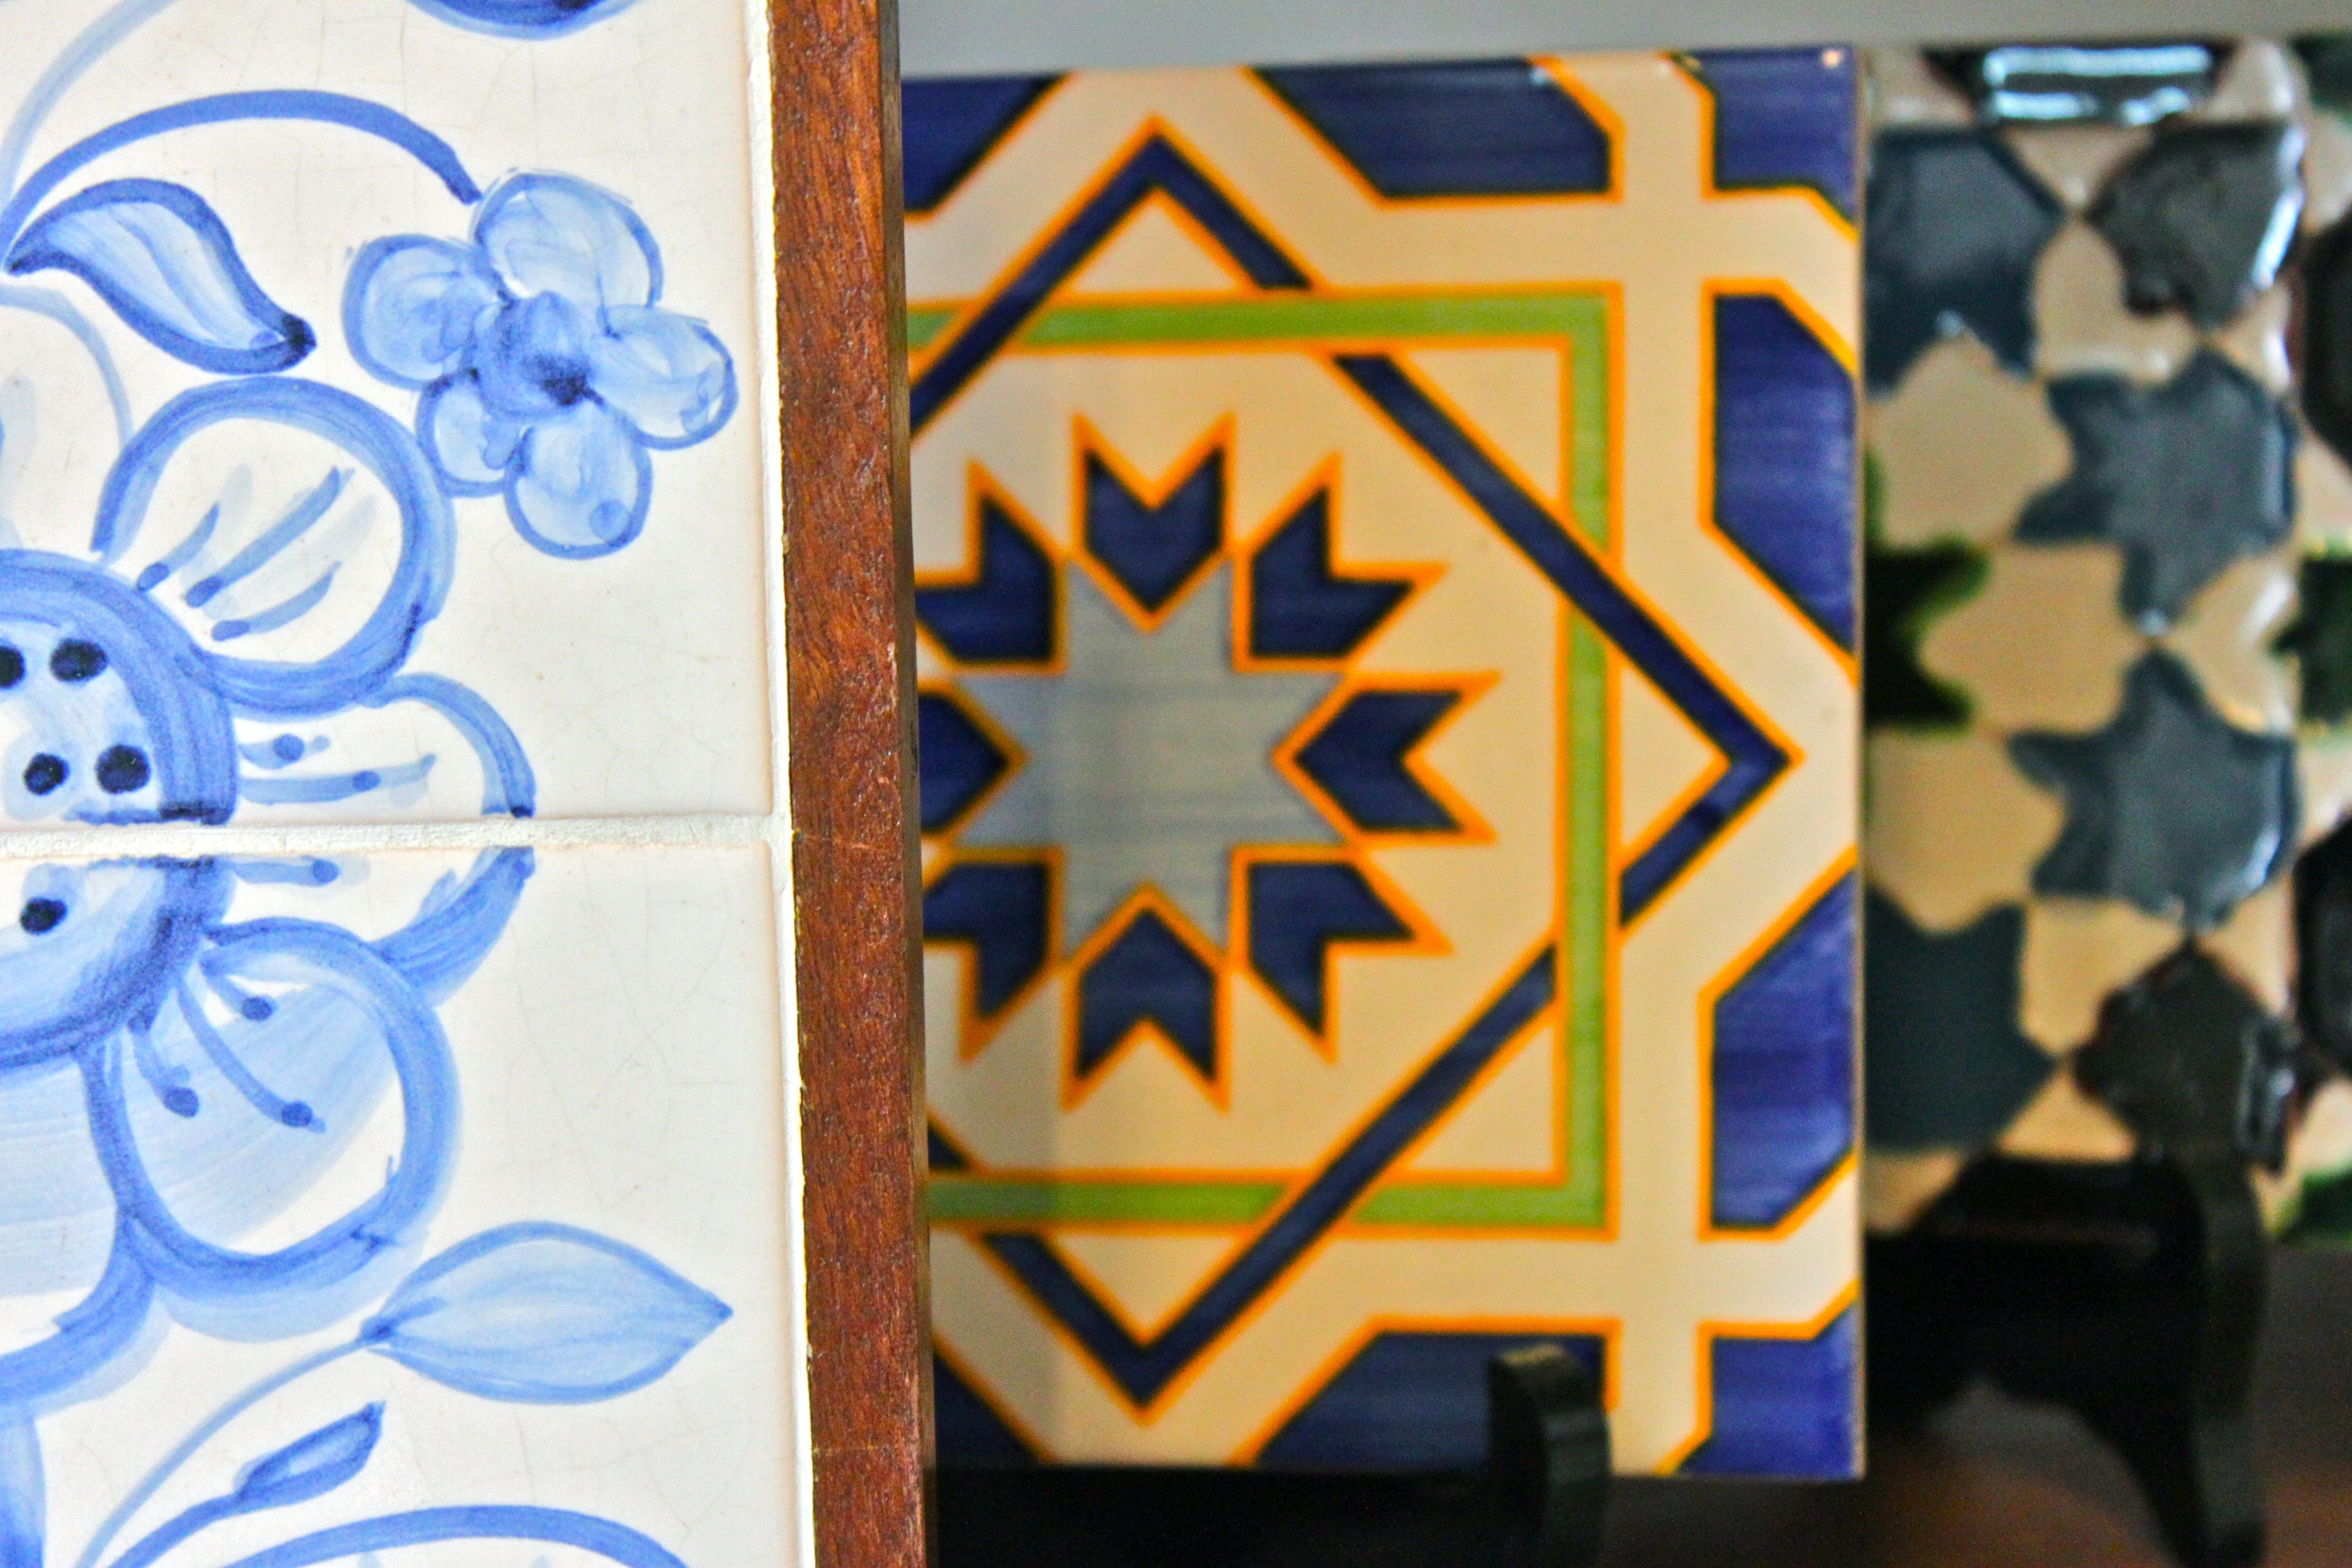 Acheter carrelage au portugal 28 images quelques liens for Achat carrelage espagne